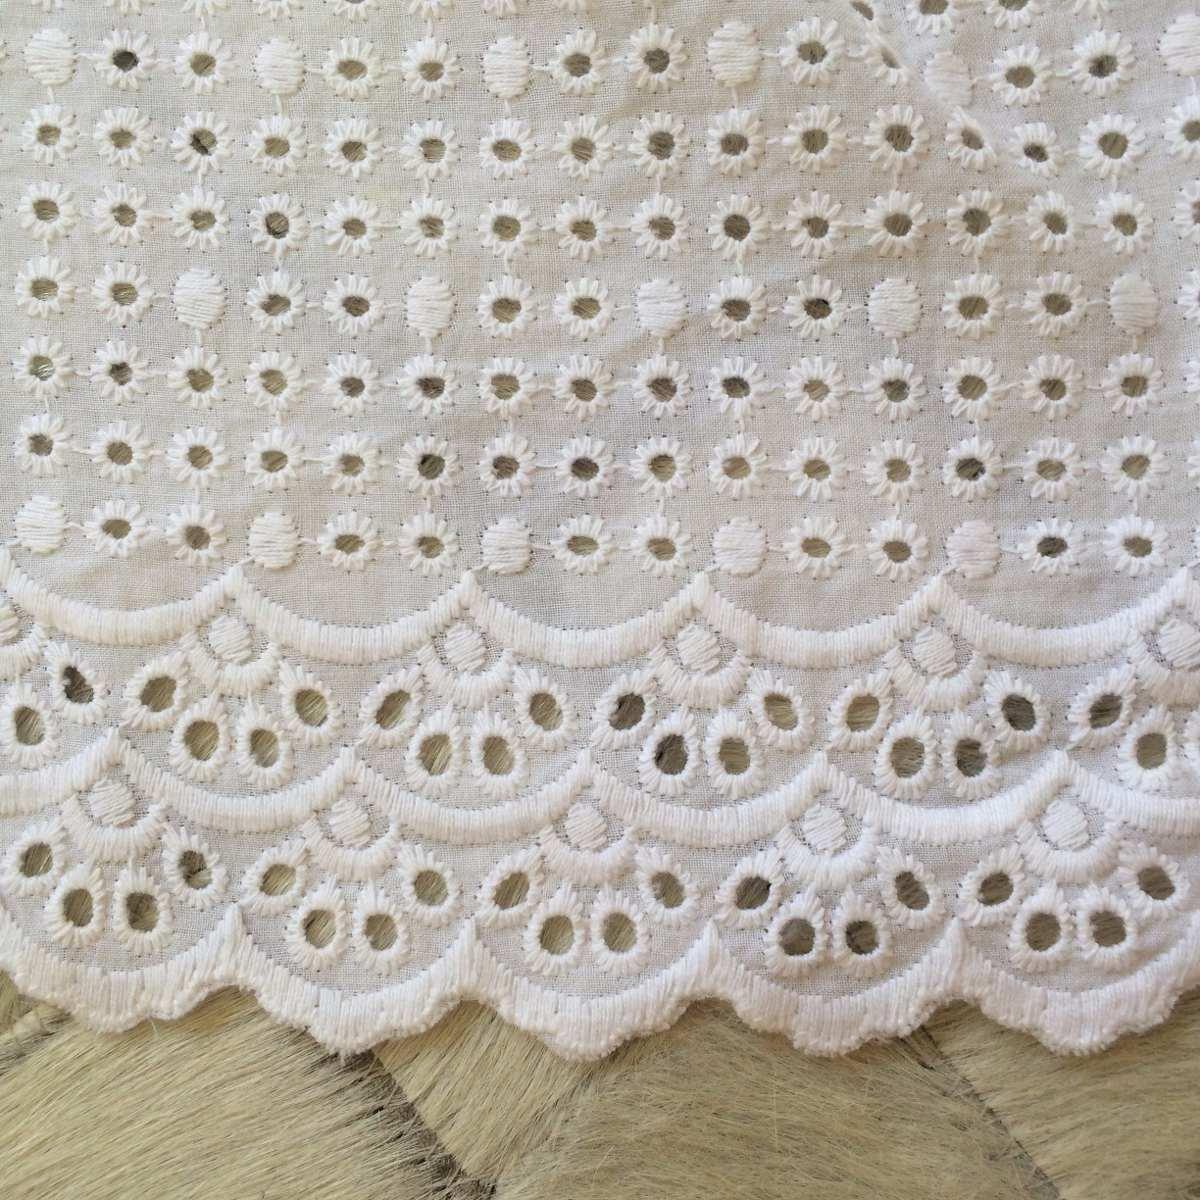 Bolsa De Tecido Com Renda : Elementos novo colete de tecido renda tamanho grande